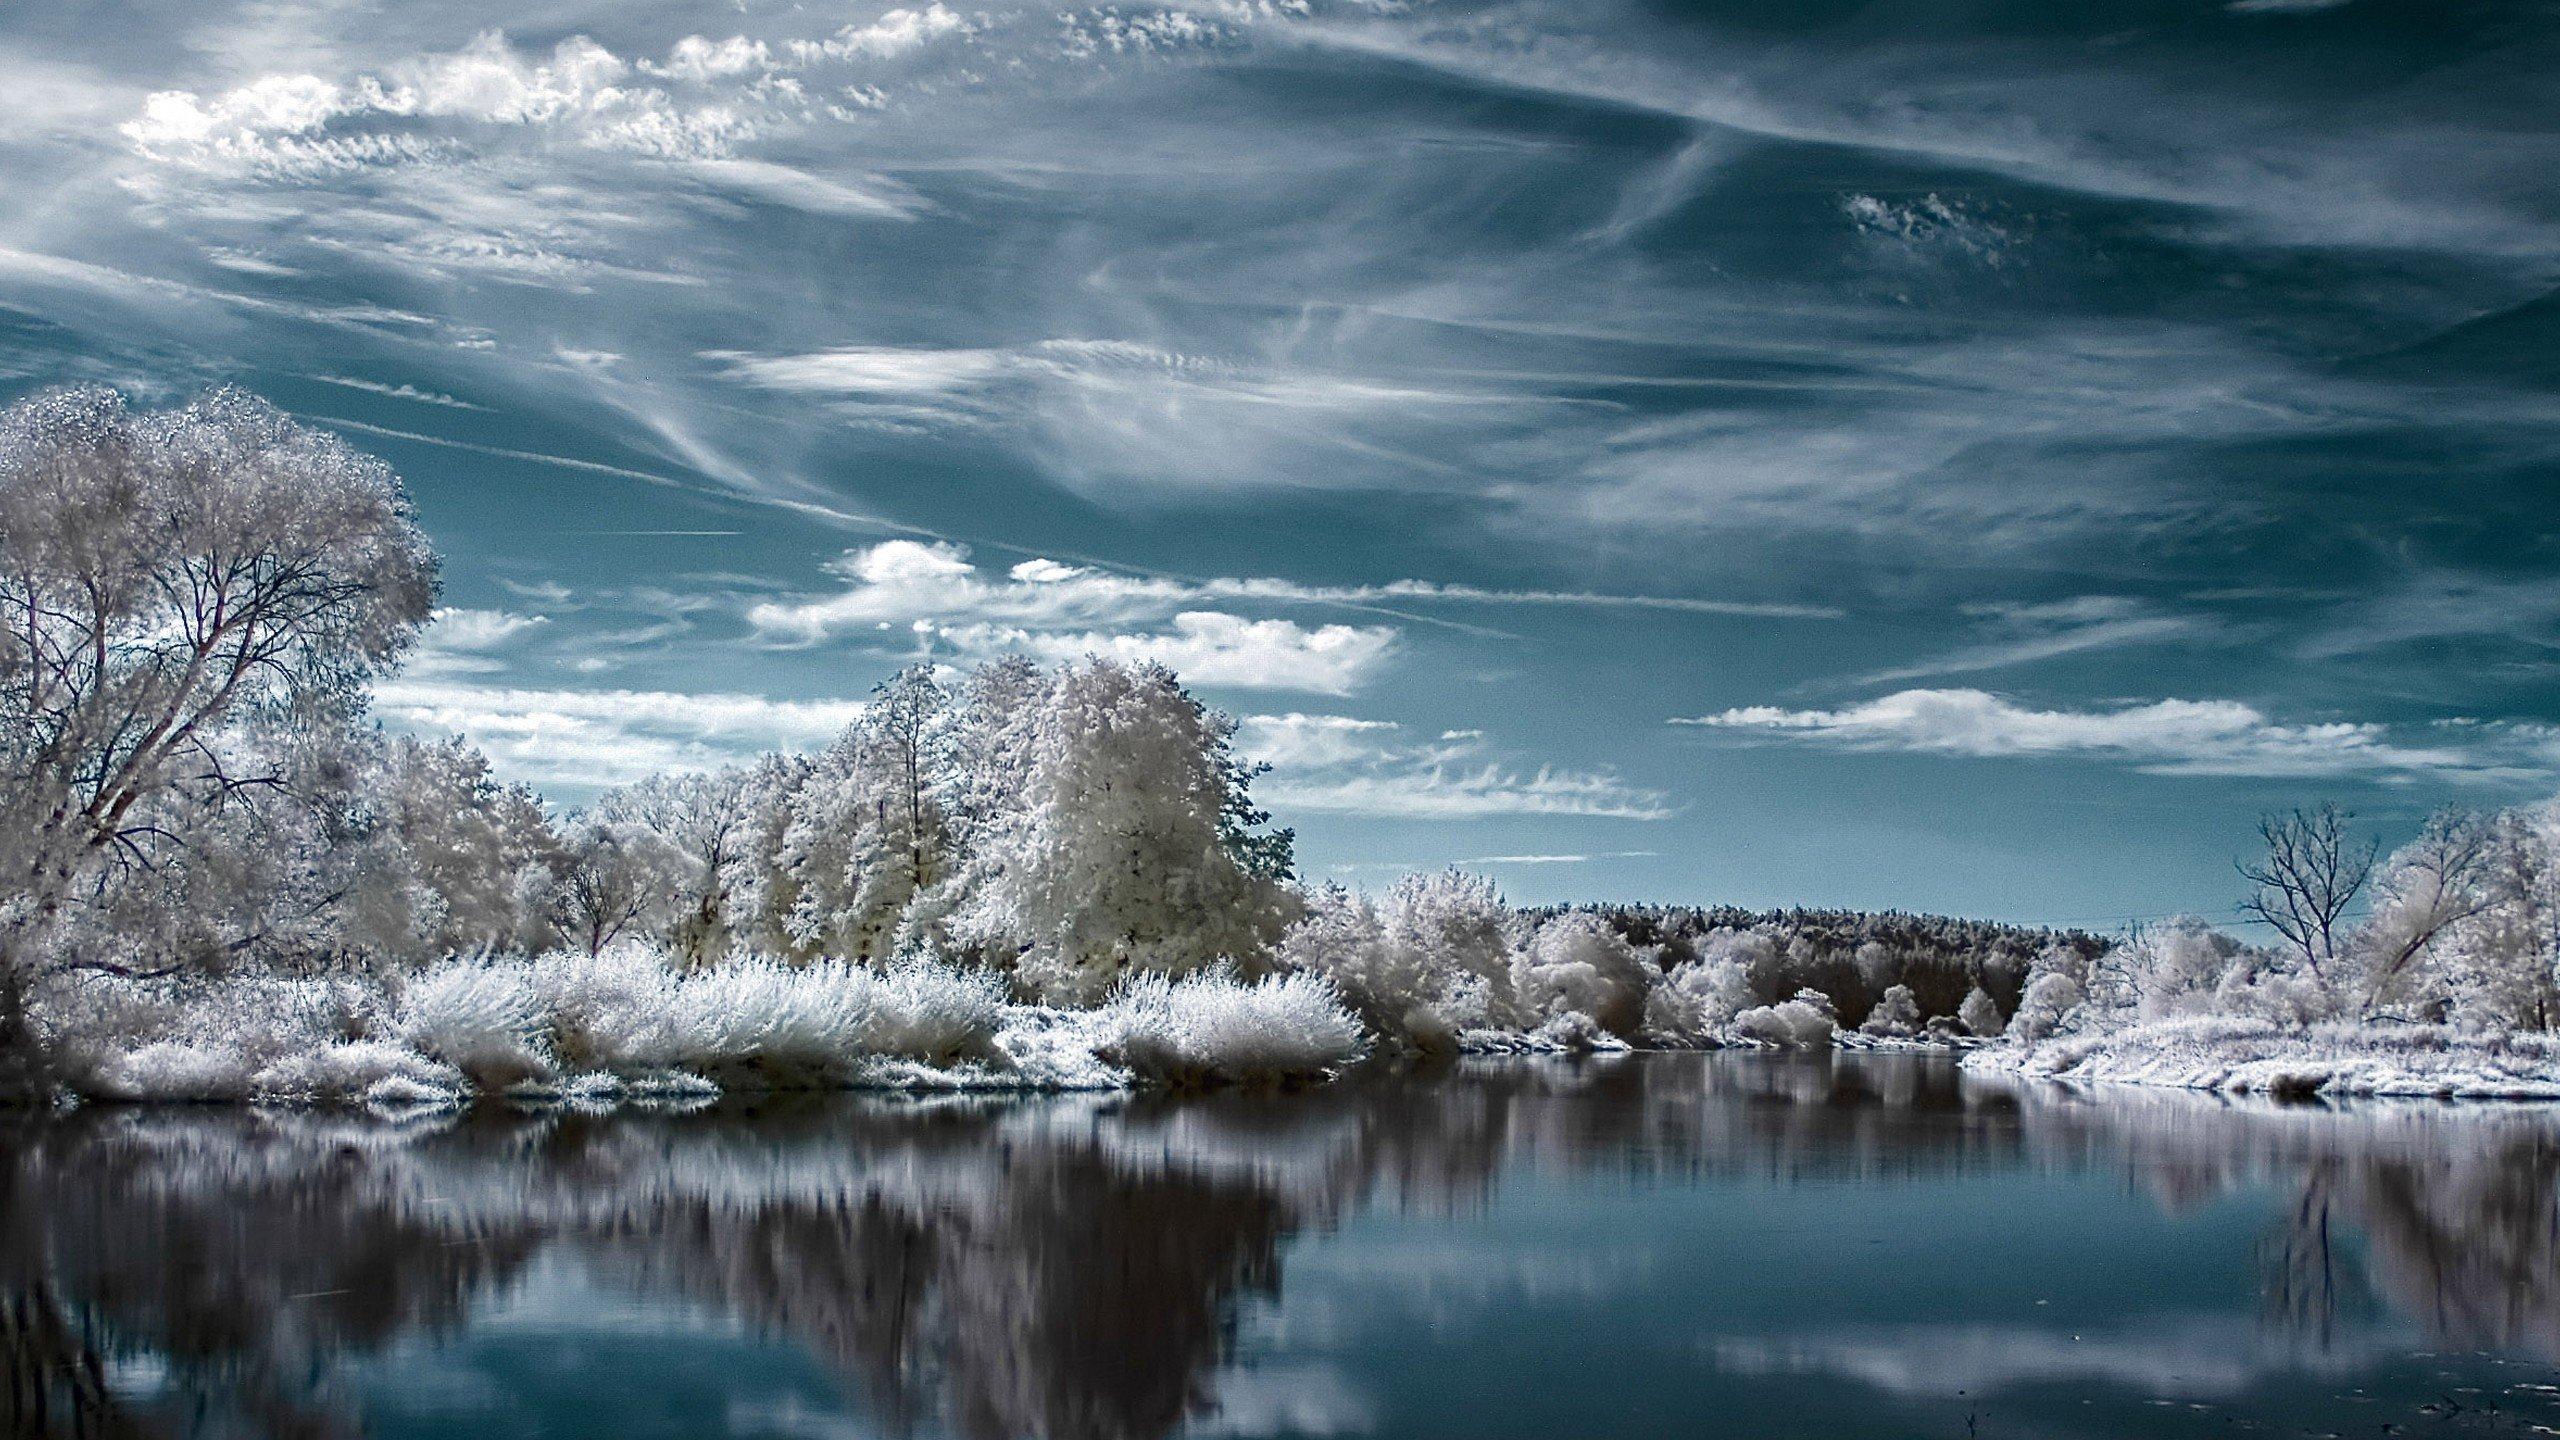 Winter Wallpapers 2560x1440 Desktop Backgrounds